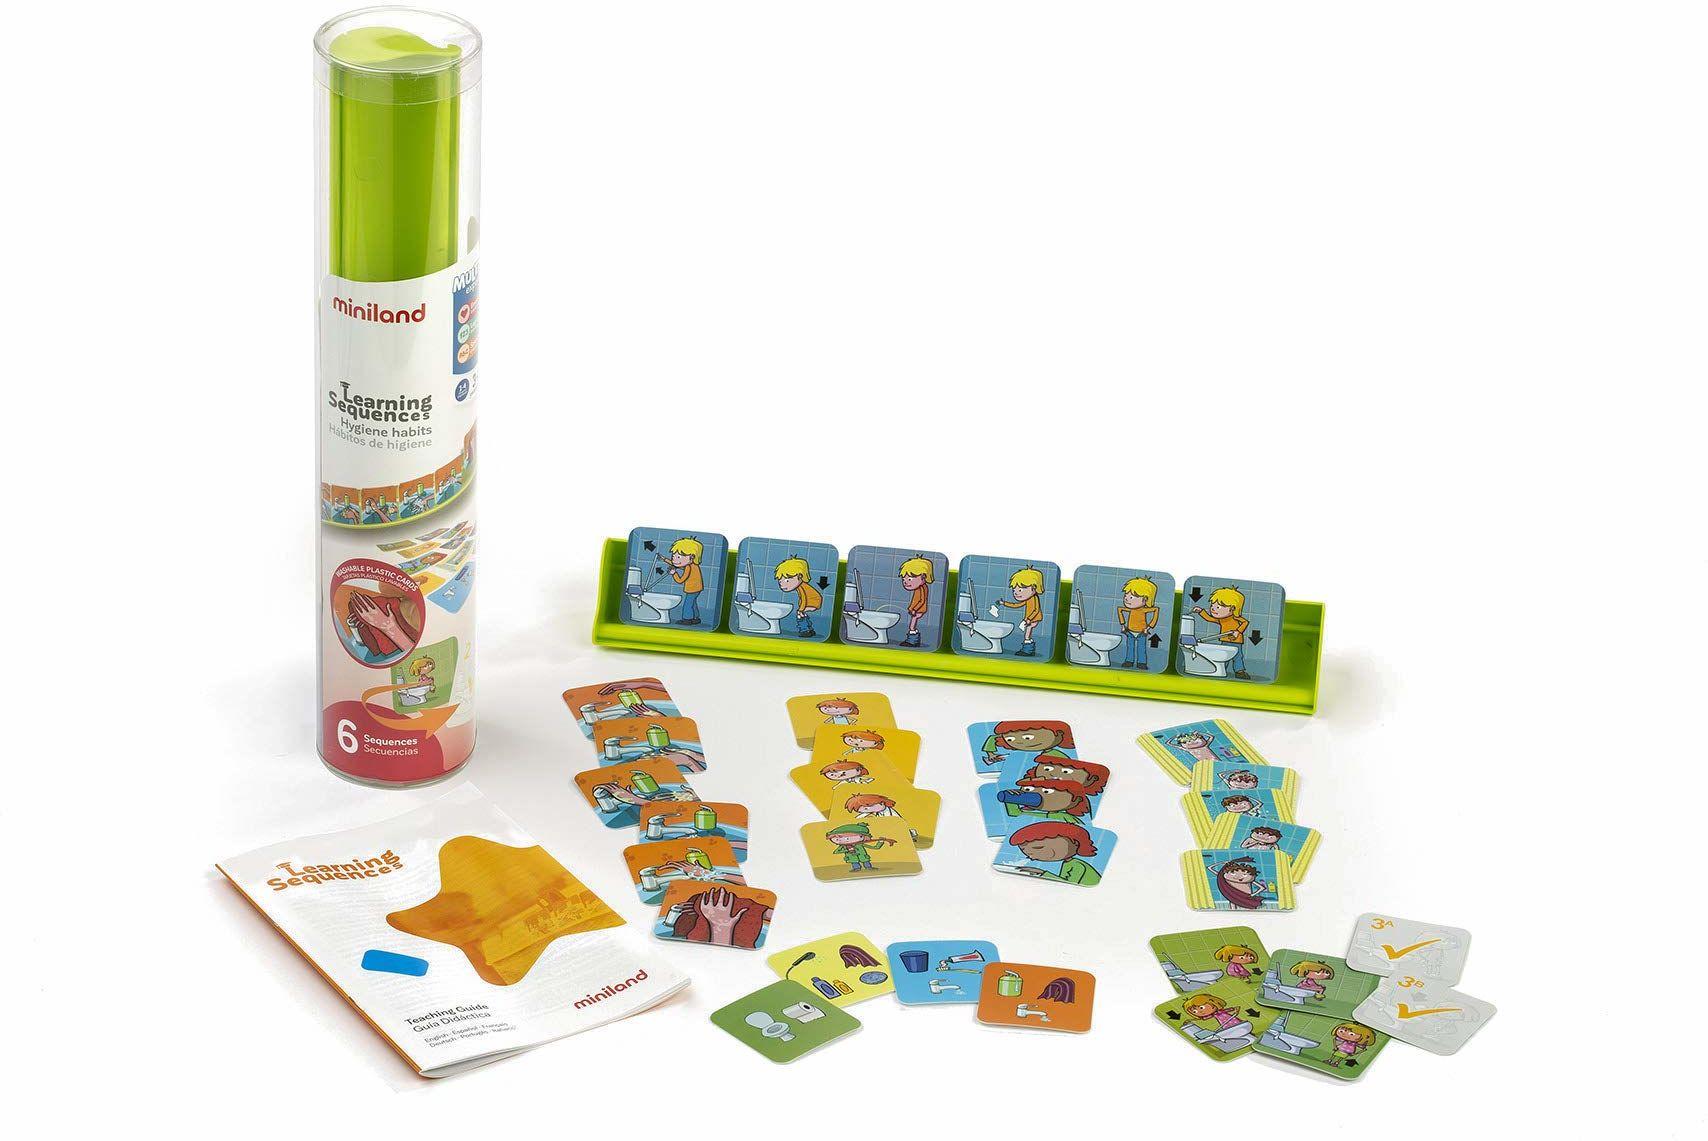 Miniland 31968 sekwencje naukowe nawyki higieniczne, wielokolorowe